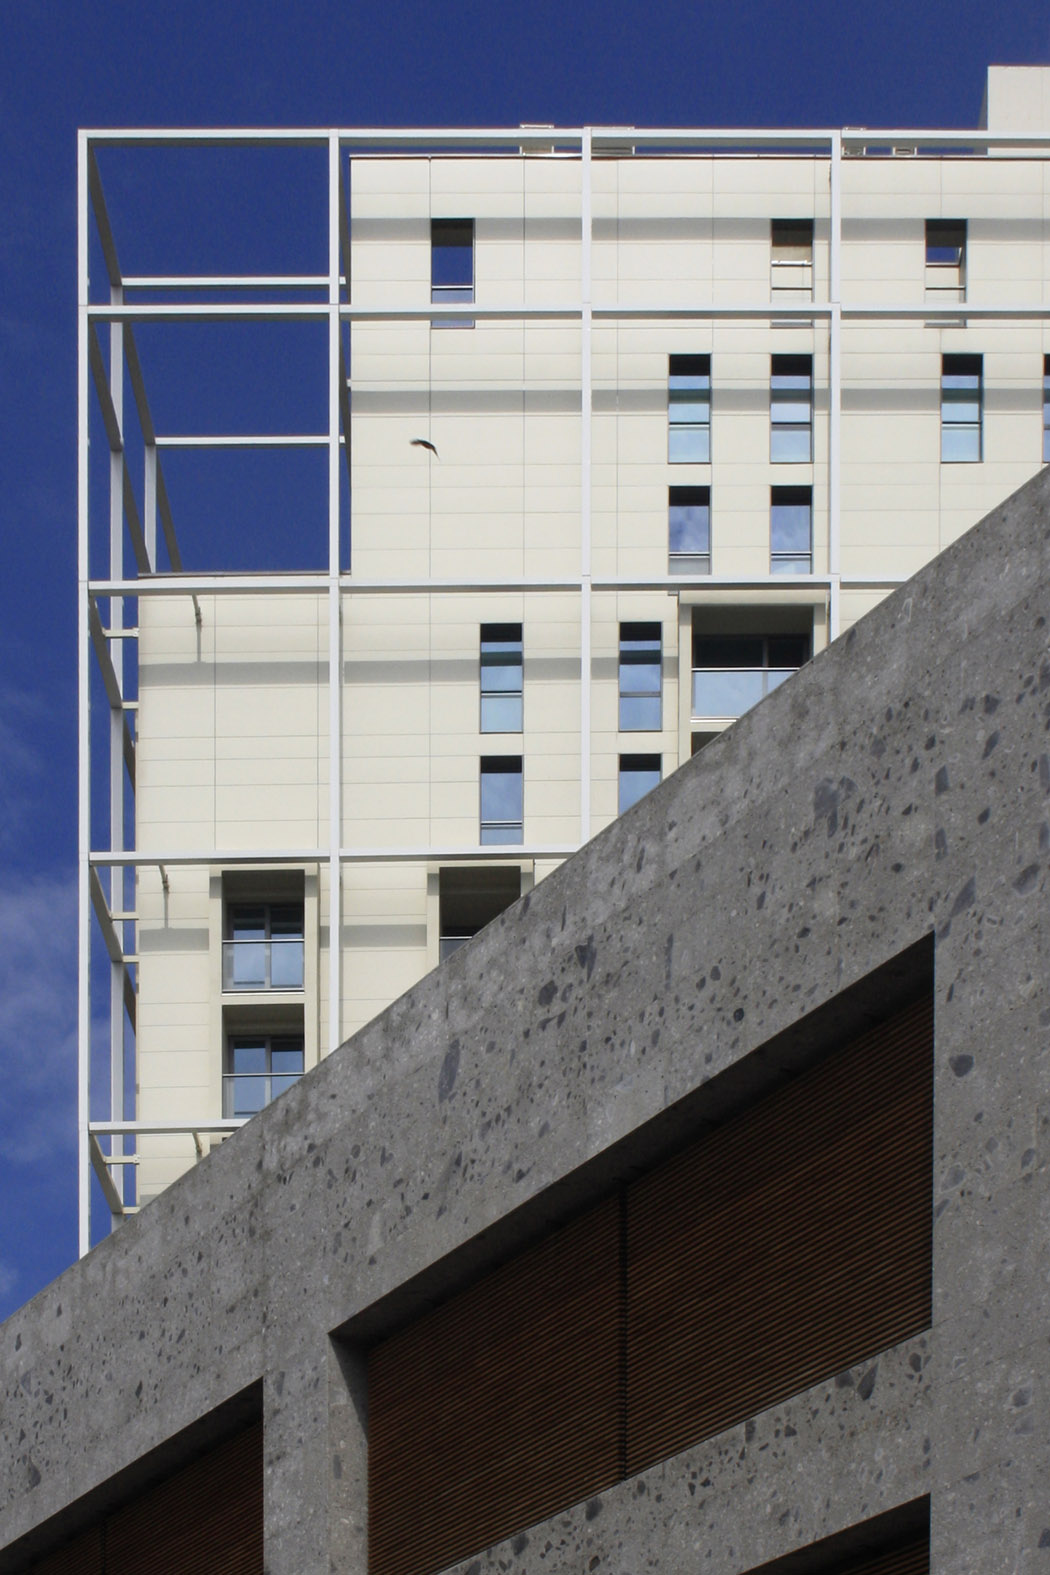 Citterio e Viel and partners, Abitazioni in via Lomazzo, Milano 2012 © Erica Gerosa